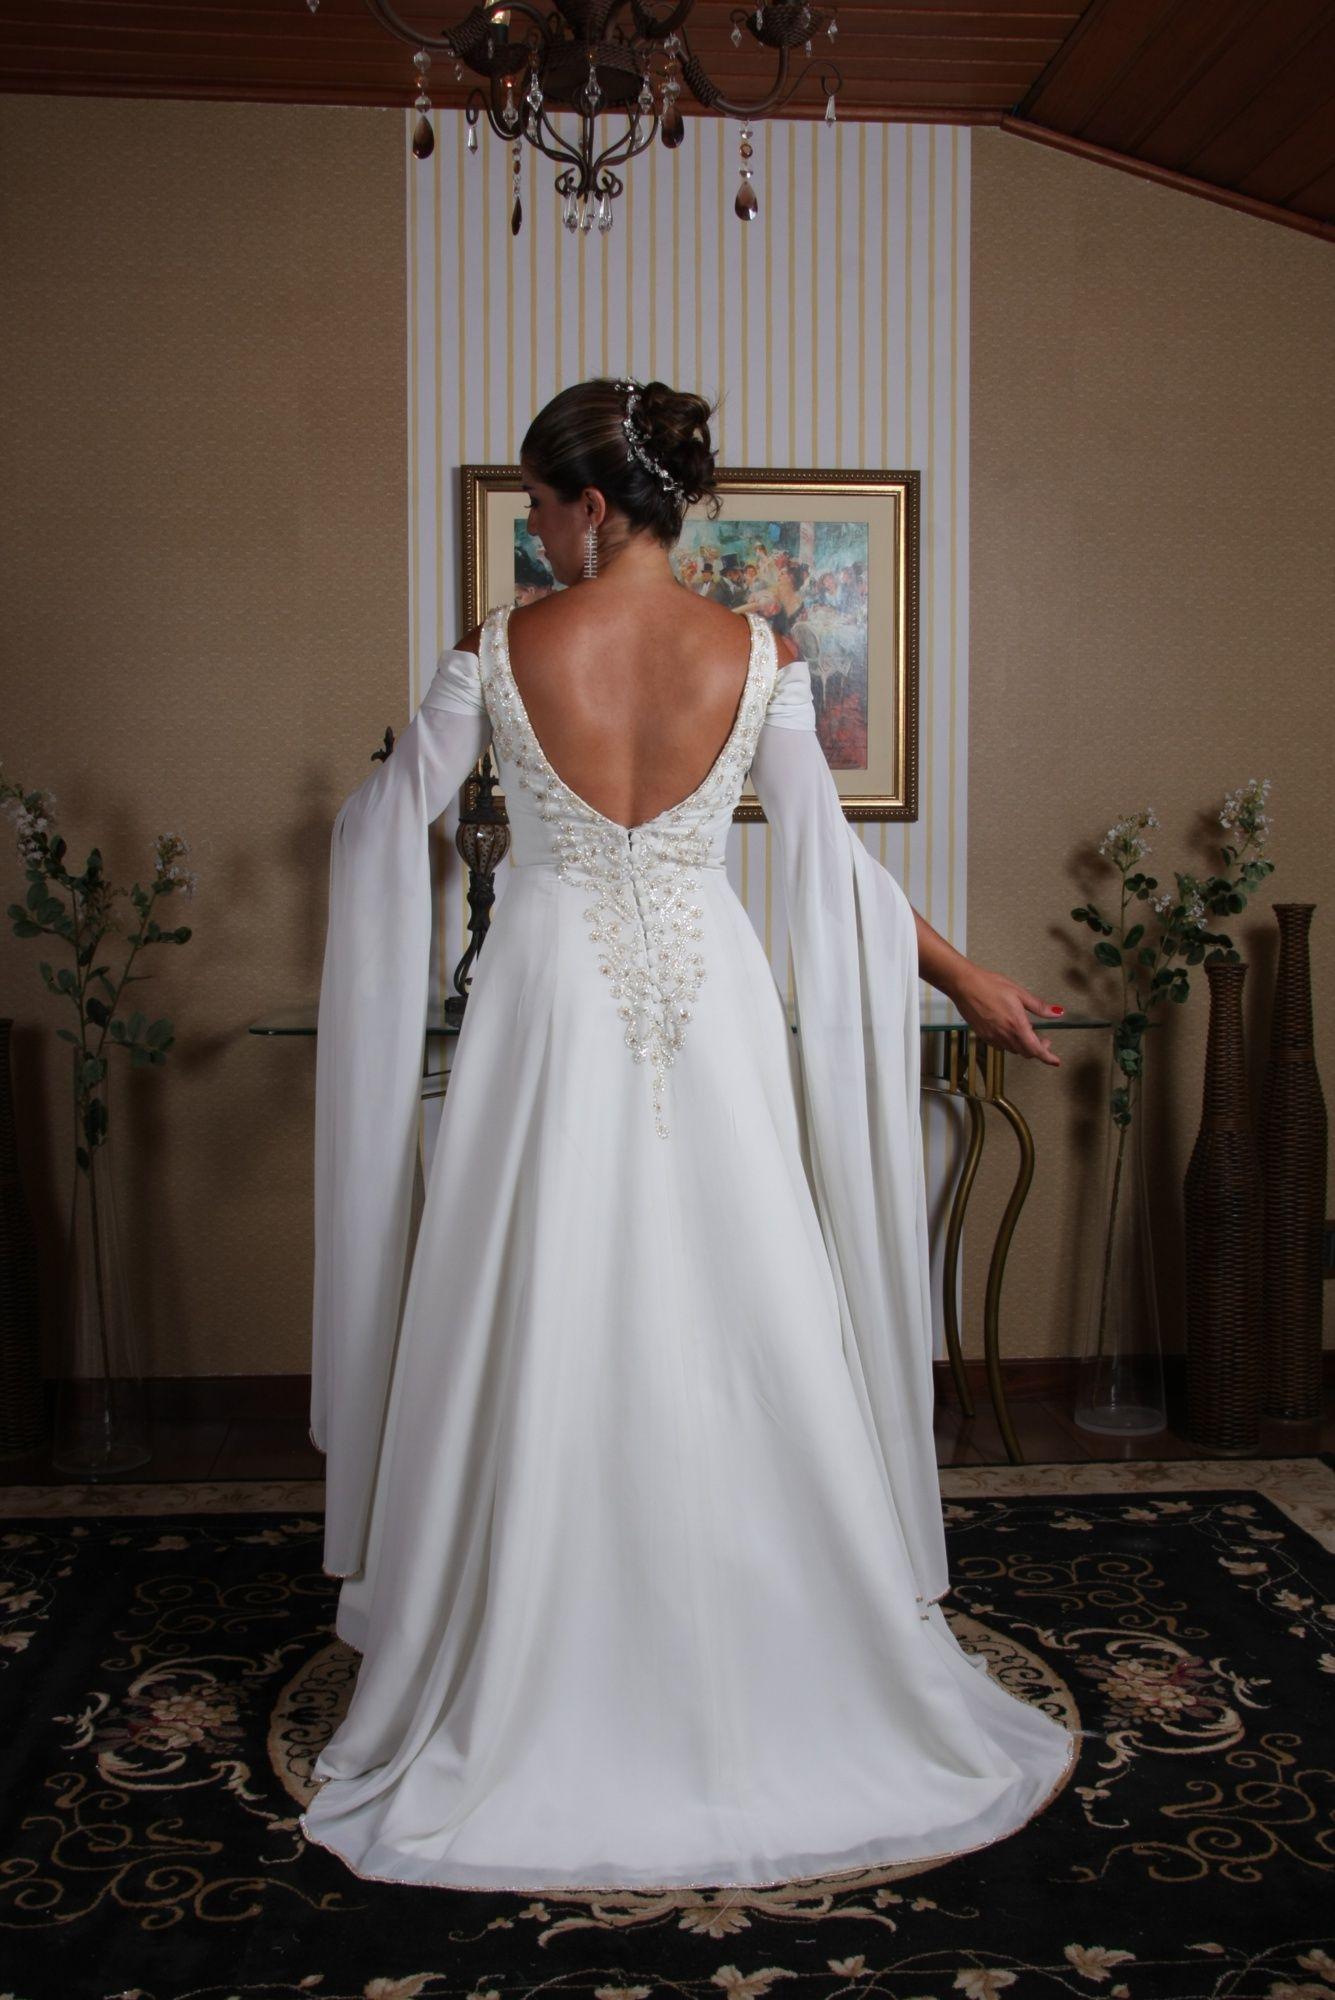 Vestido de Noiva Princesa - 8 - Hipnose Alta Costura e Spa para Noivas e Noivos - Campinas - SP Vestido de Noiva, Vestido de Noiva Princesa, Hipnose Alta Costura